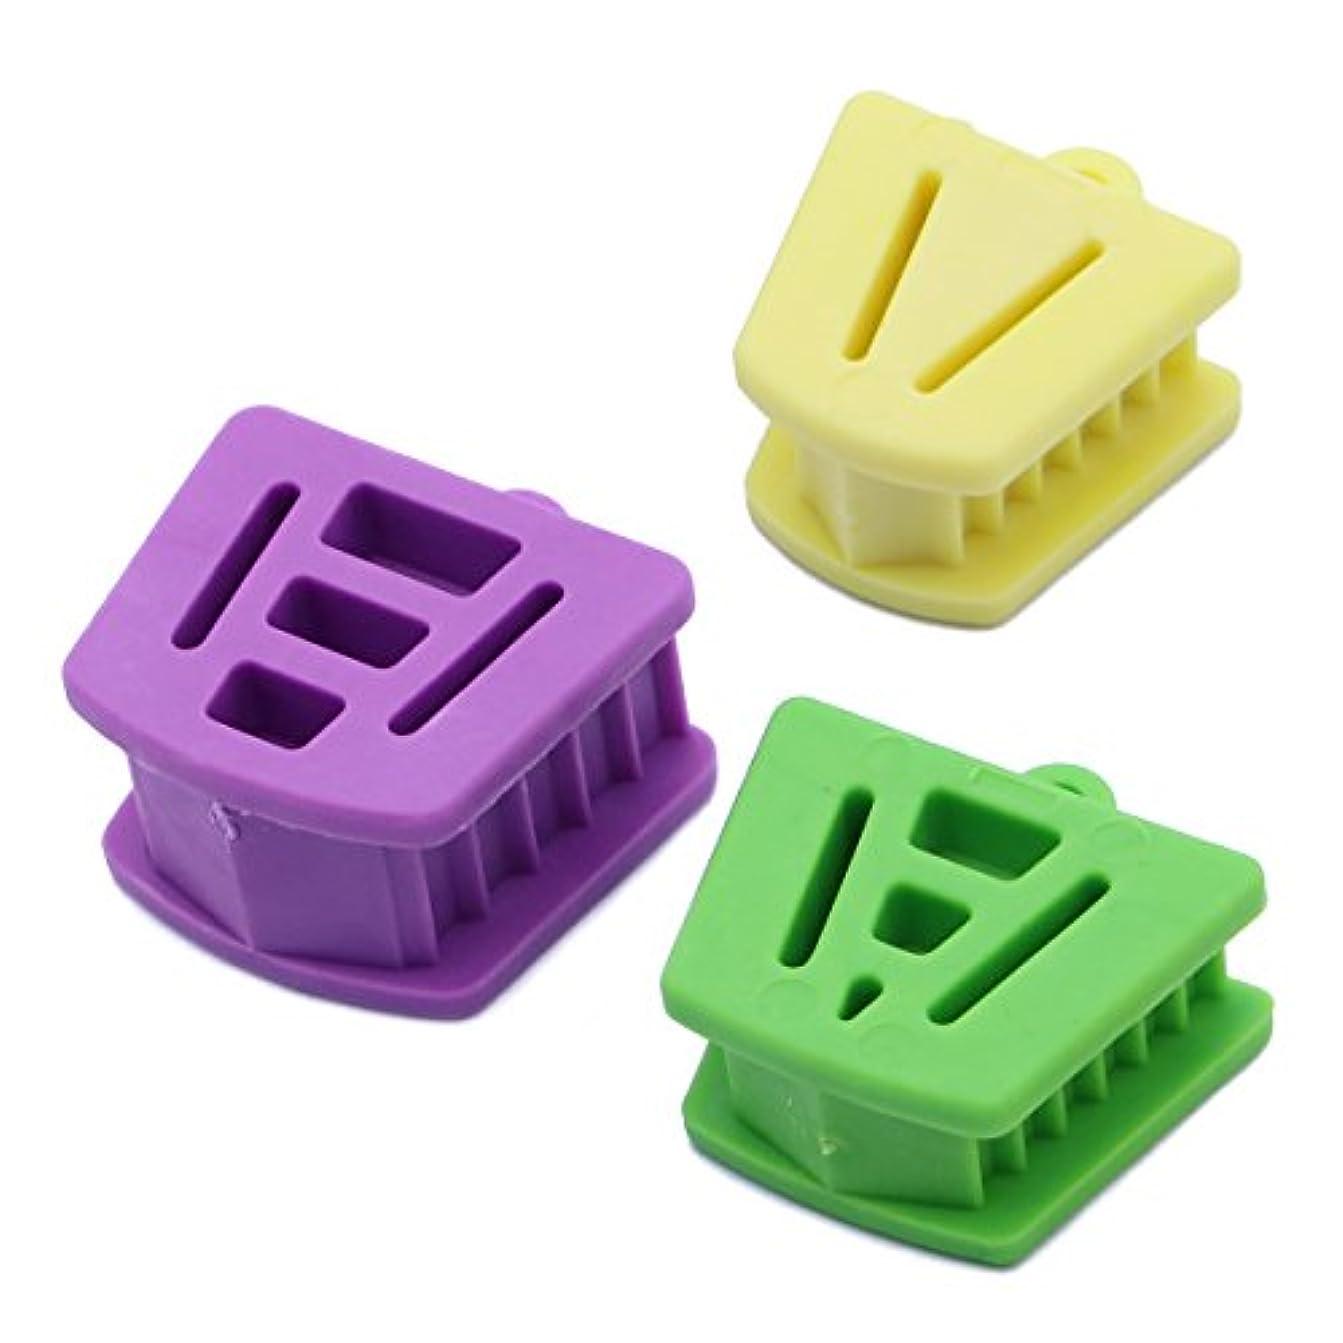 キャンディー病んでいる物思いにふけるHealifty 3個/パック口プロップバイトブロック歯科口腔内支持矯正用アクセサリー